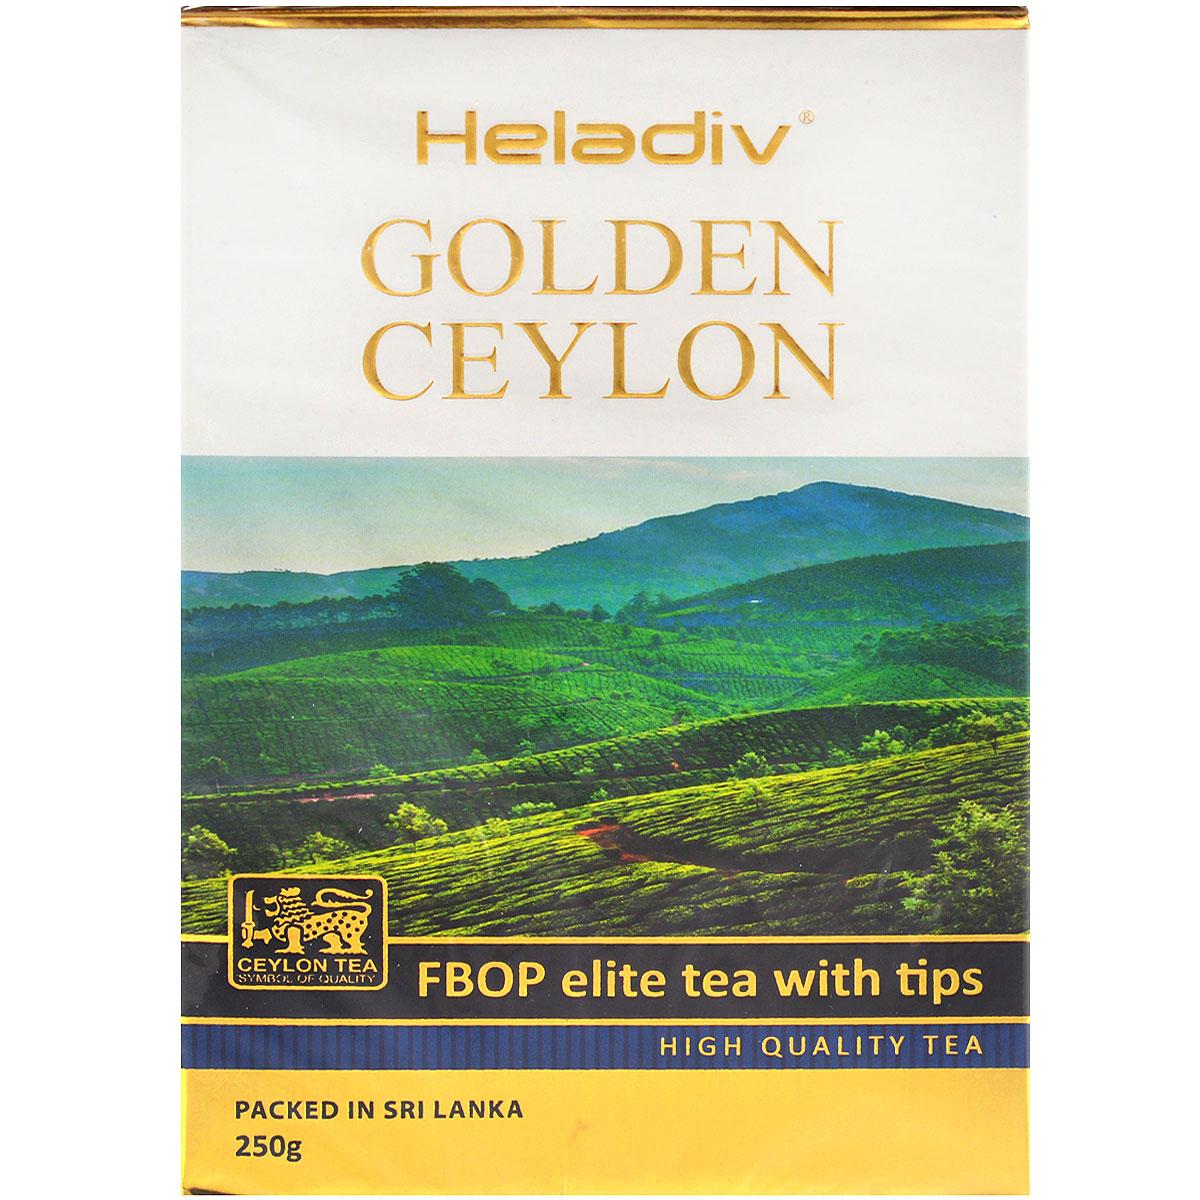 Heladiv Golden Ceylon Fbop Elite Tea with Tips черный листовой чай, 250 г0120710Heladiv Golden Ceylon Fbop Elit Tea with Tips - резаный черный байховый чай, содержащий не слишком скрученные листья со значительной примесью листовых почек - типсов.